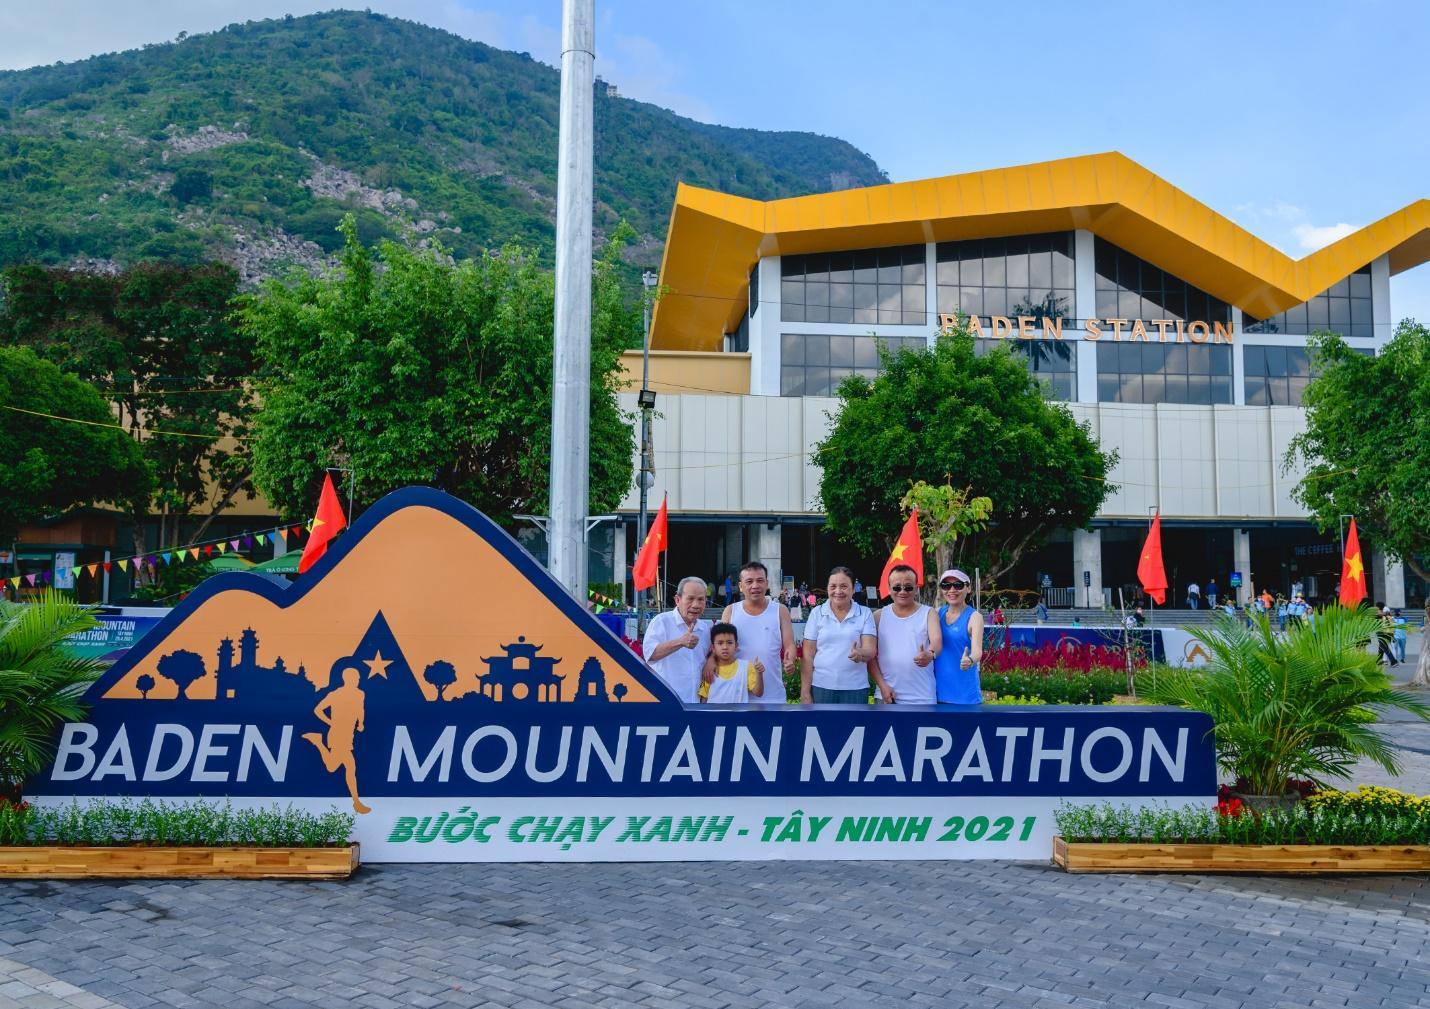 Ấn tượng với giải chạy marathon quy mô đầu tiên của Tây Ninh - Ảnh 9.